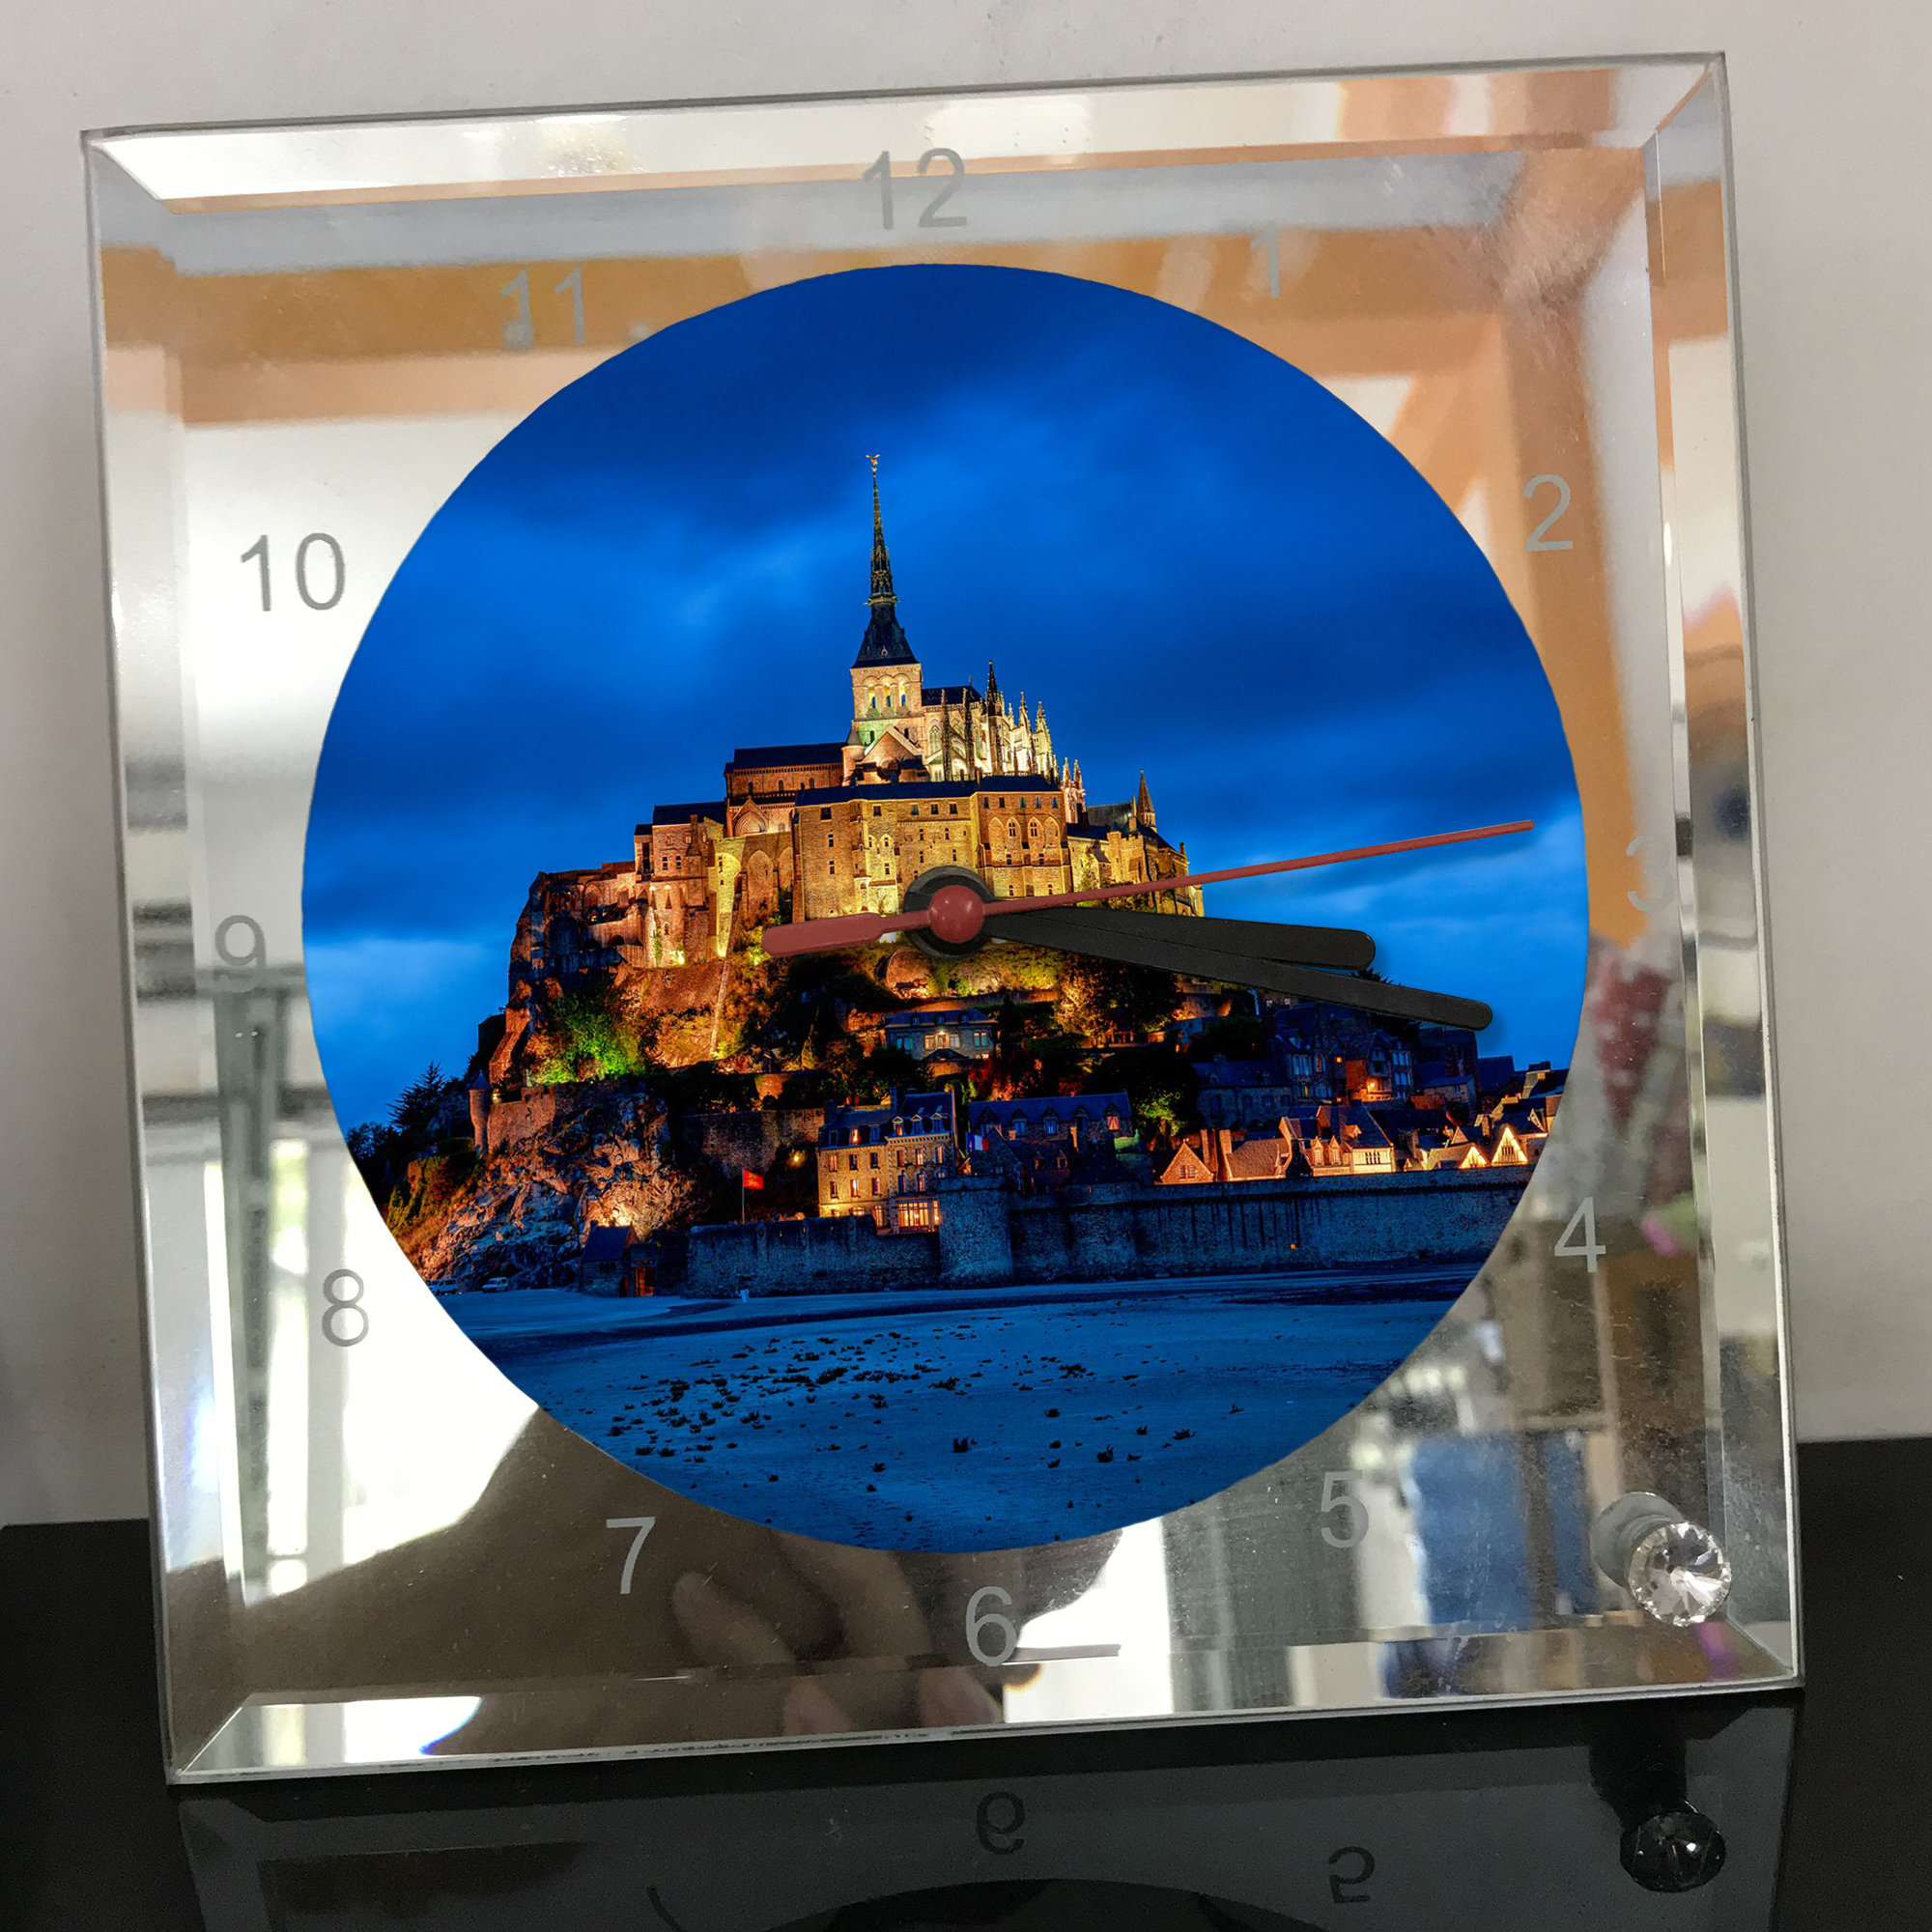 Đồng hồ thủy tinh vuông 20x20 in hình tu viện Mont Saint-Michel (25) . Đồng hồ thủy tinh để bàn trang trí đẹp chủ đề tôn giáo